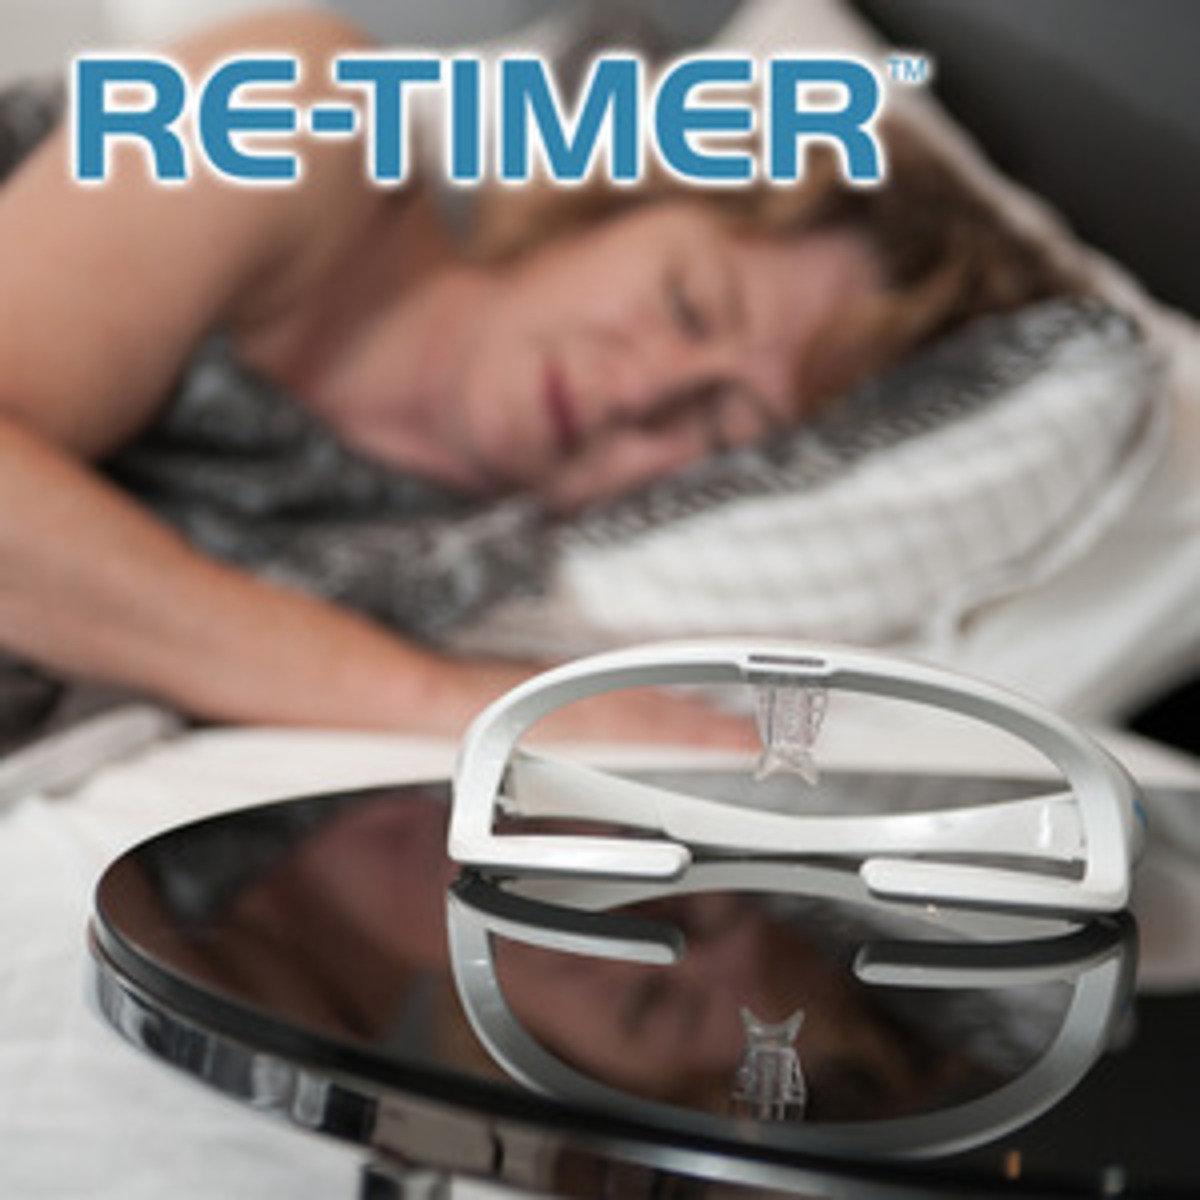 re timer glasses